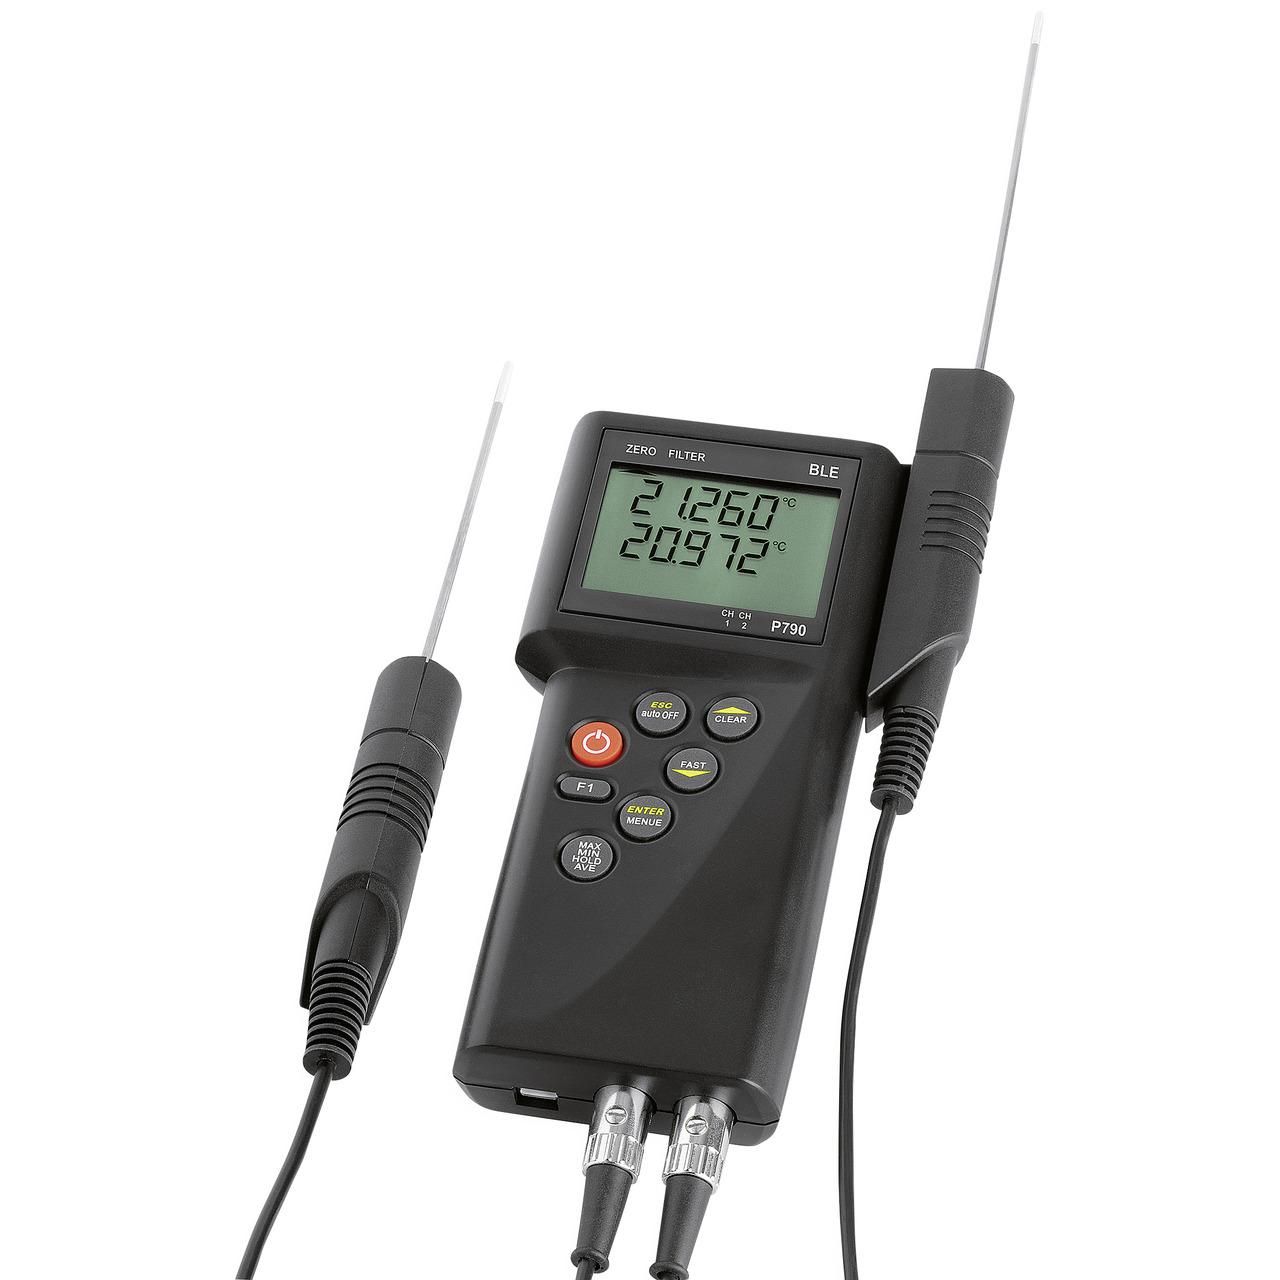 Dostmann electronic Präzisionshandmessgeräteset P790 mit Tauchfühler